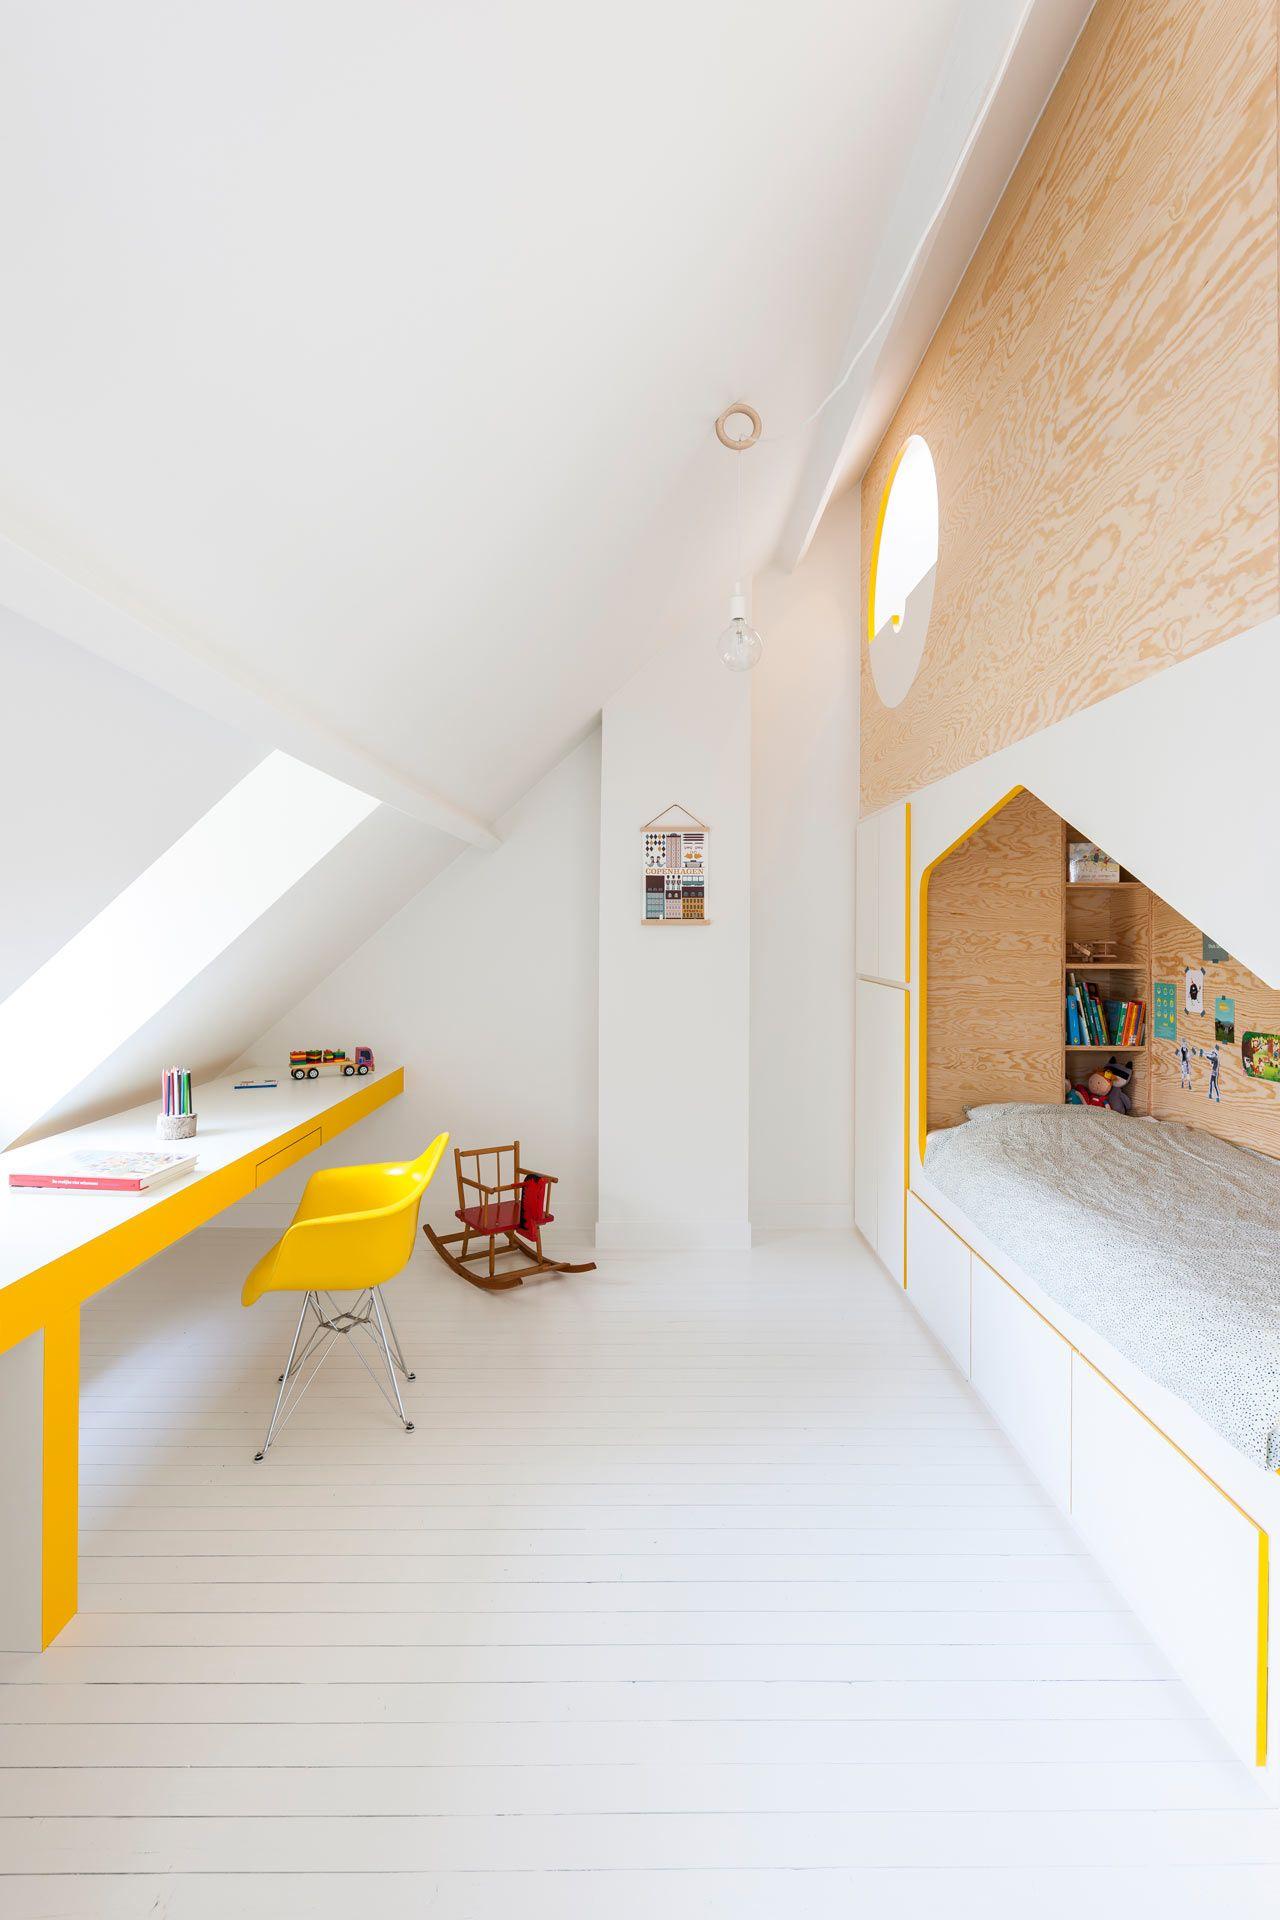 Germ-Kids-Bedroom-VAN-STAEYEN-4 | Kinderzimmer Einrichungsideen ...